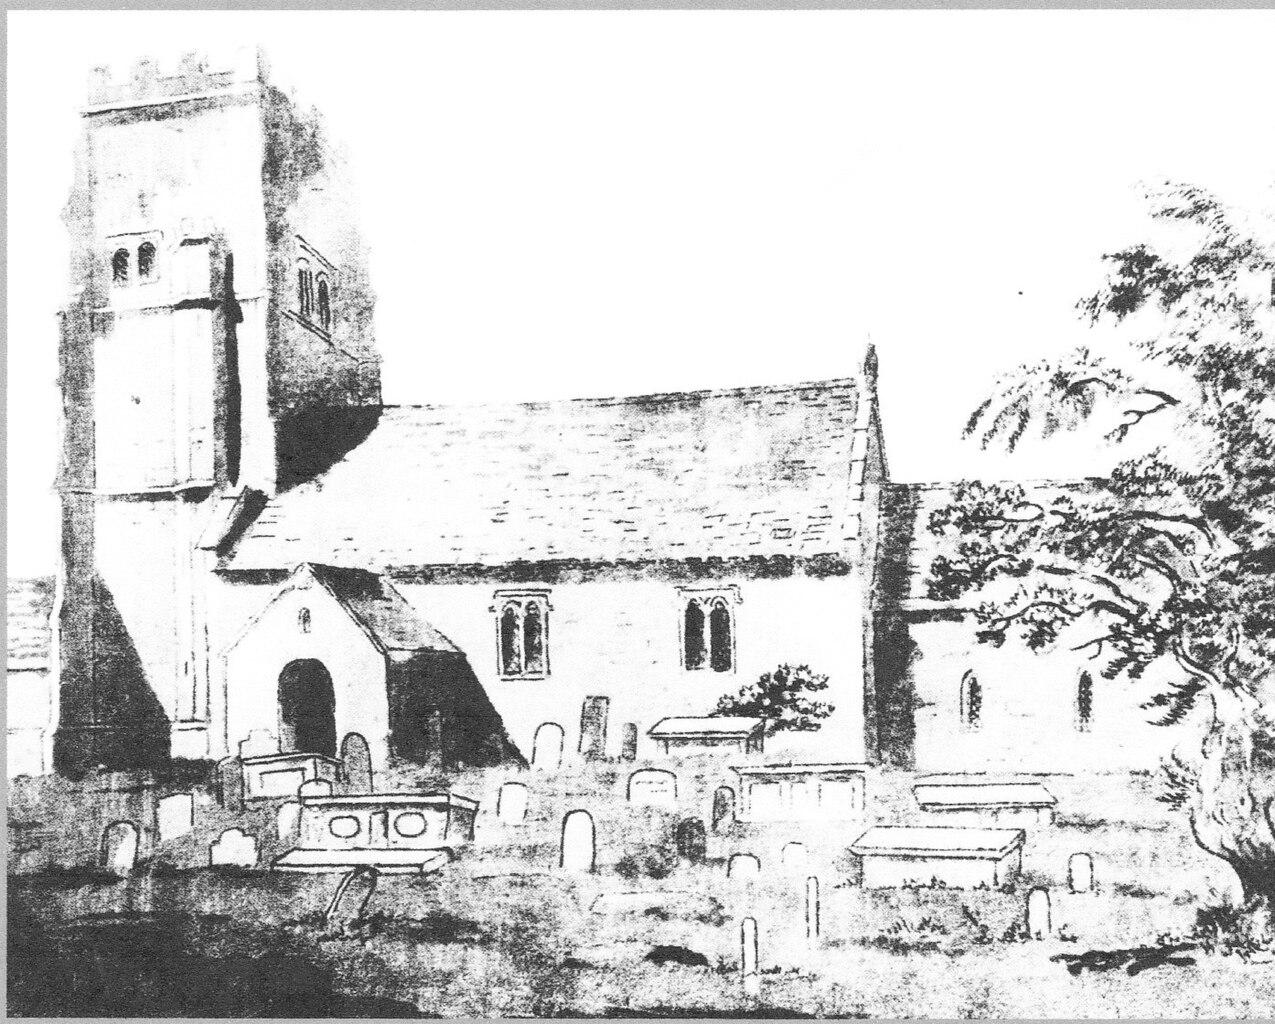 Alveston Old Church of St Helens